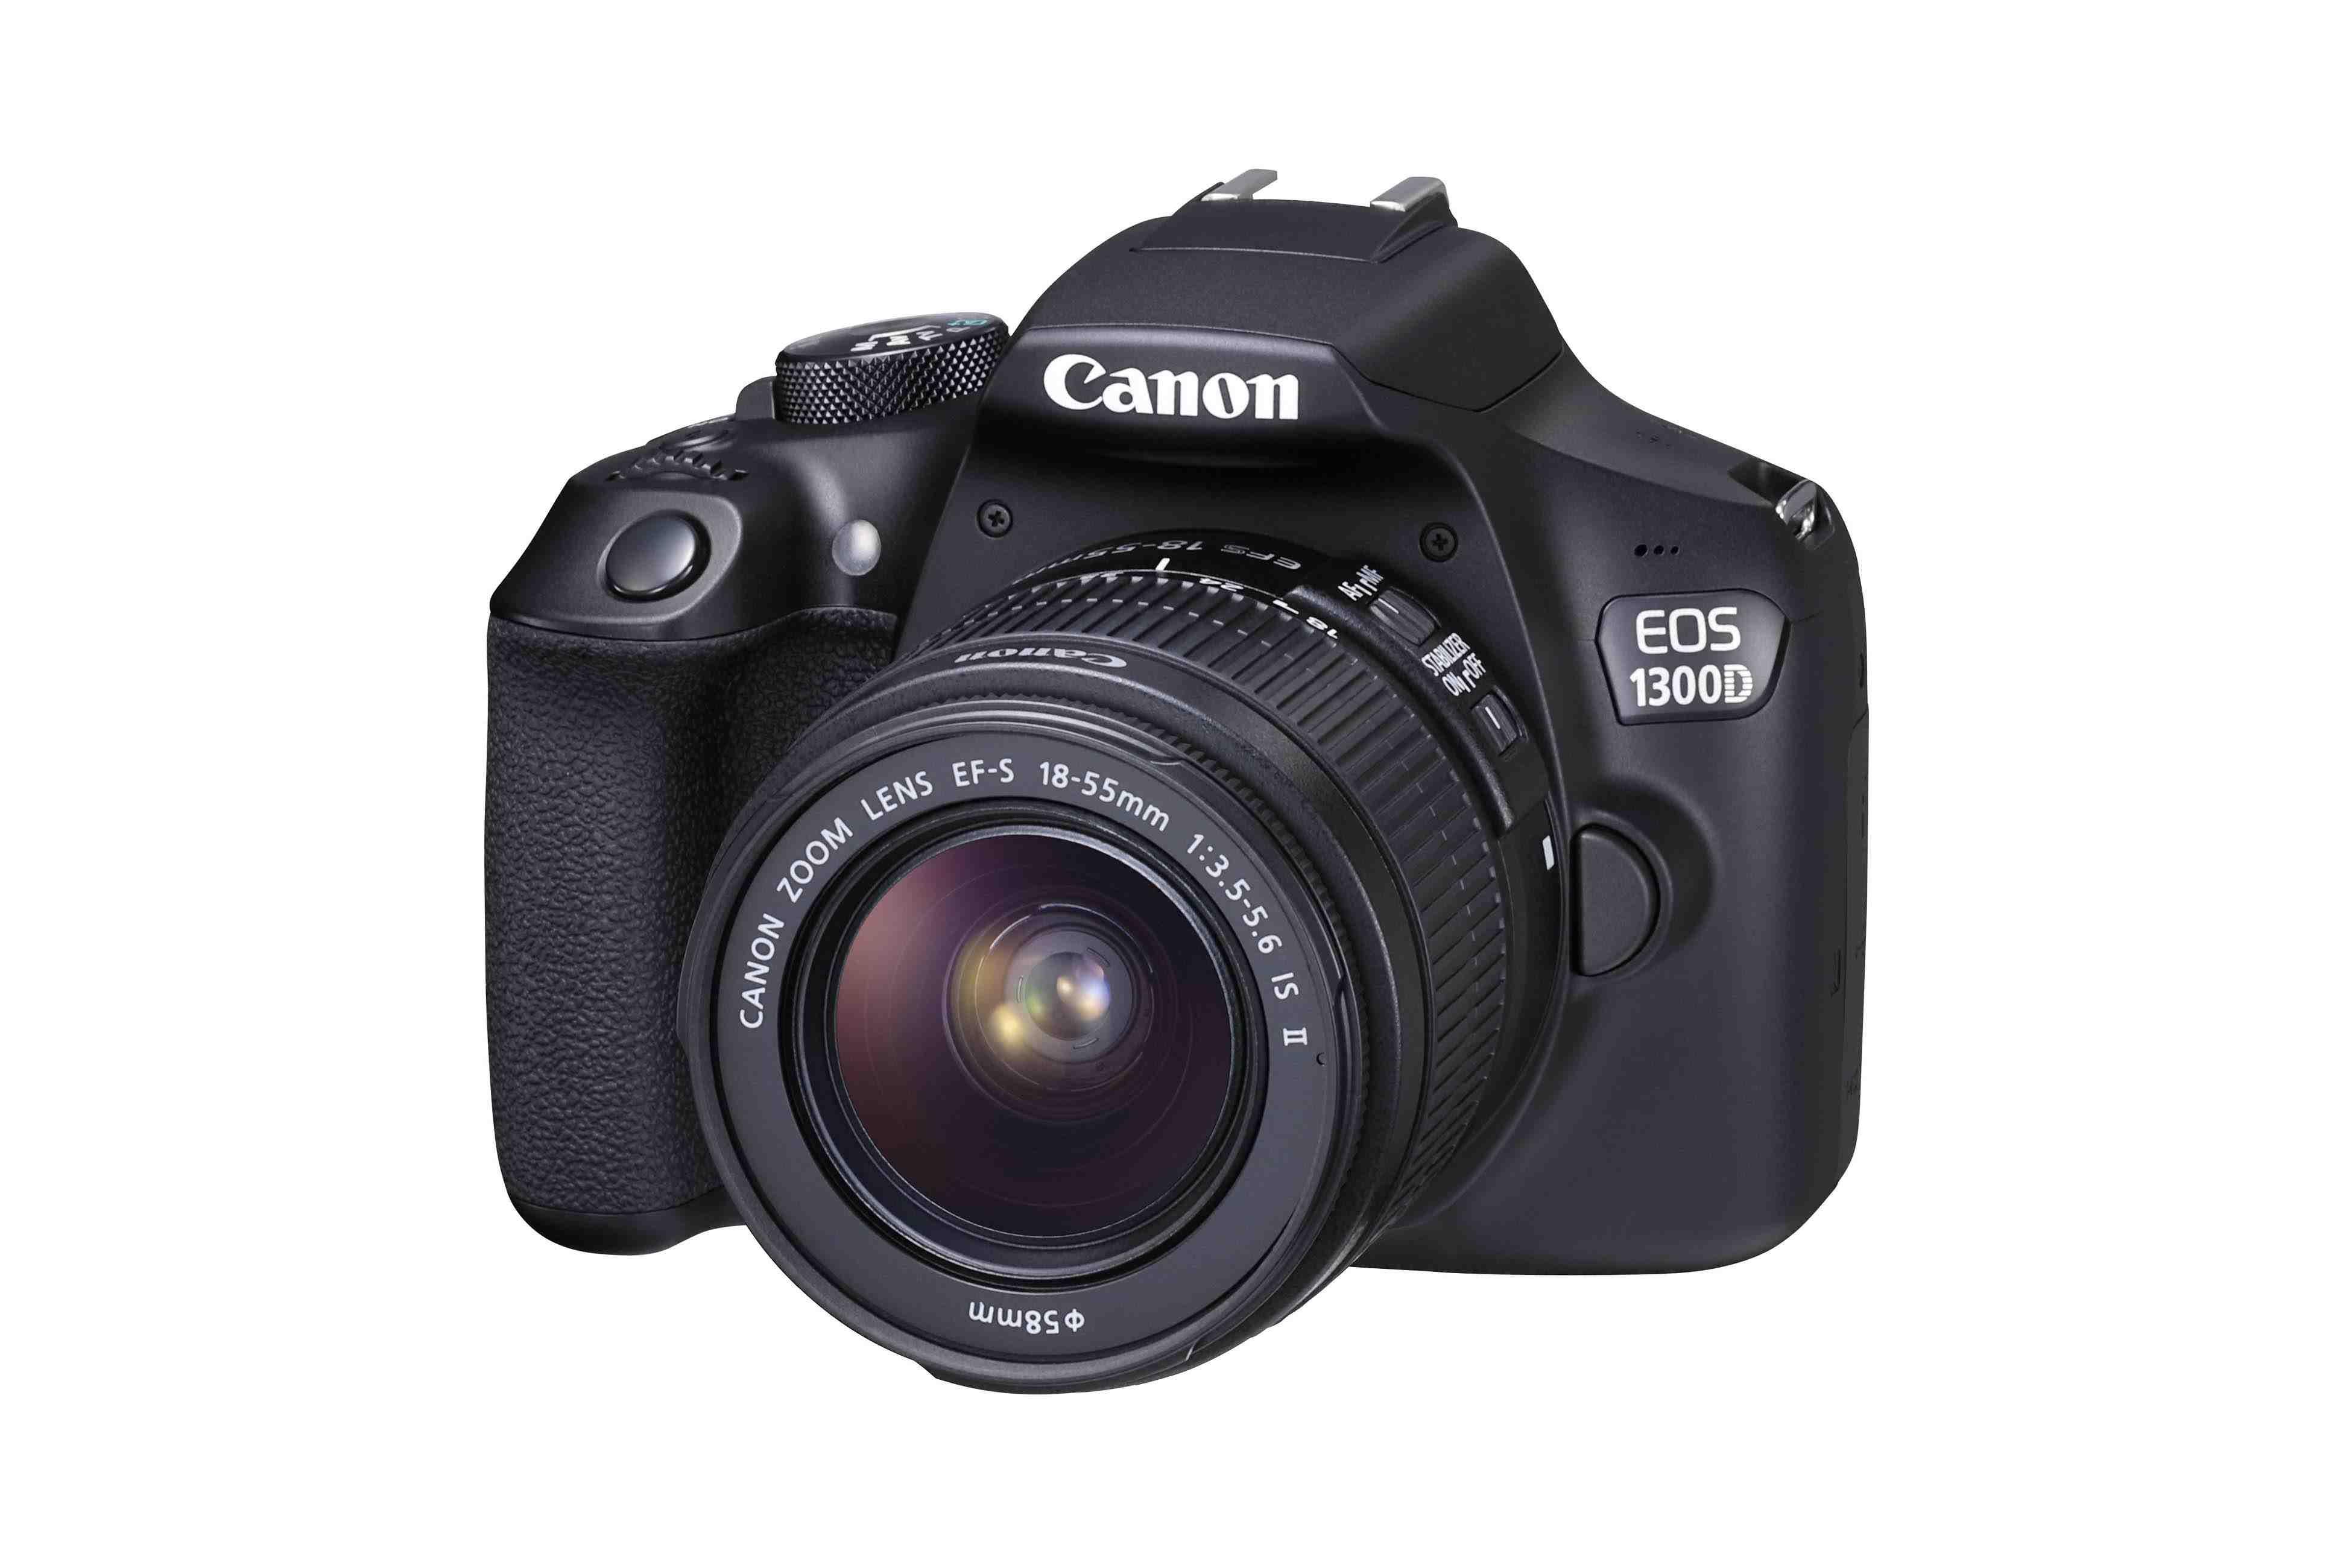 S týmto objektívom sme realizovali test Canon EOS 1300D